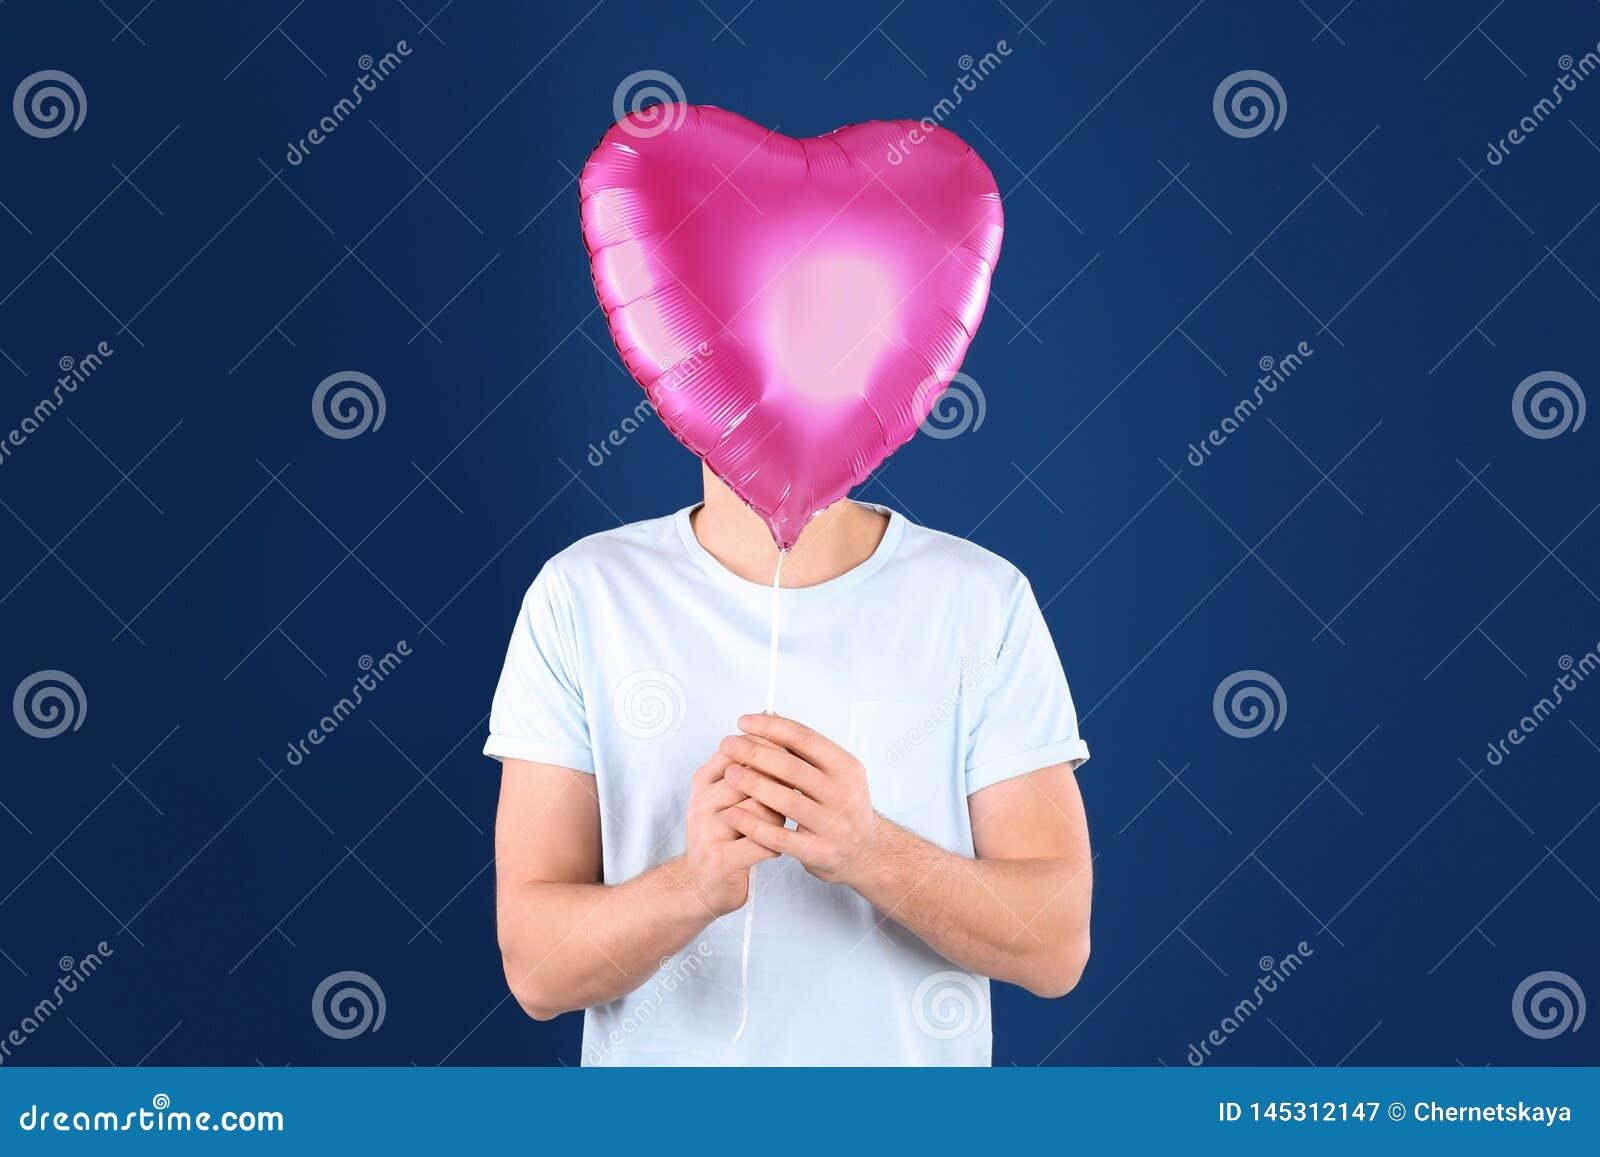 Il giovane con cuore ha modellato il pallone su fondo blu